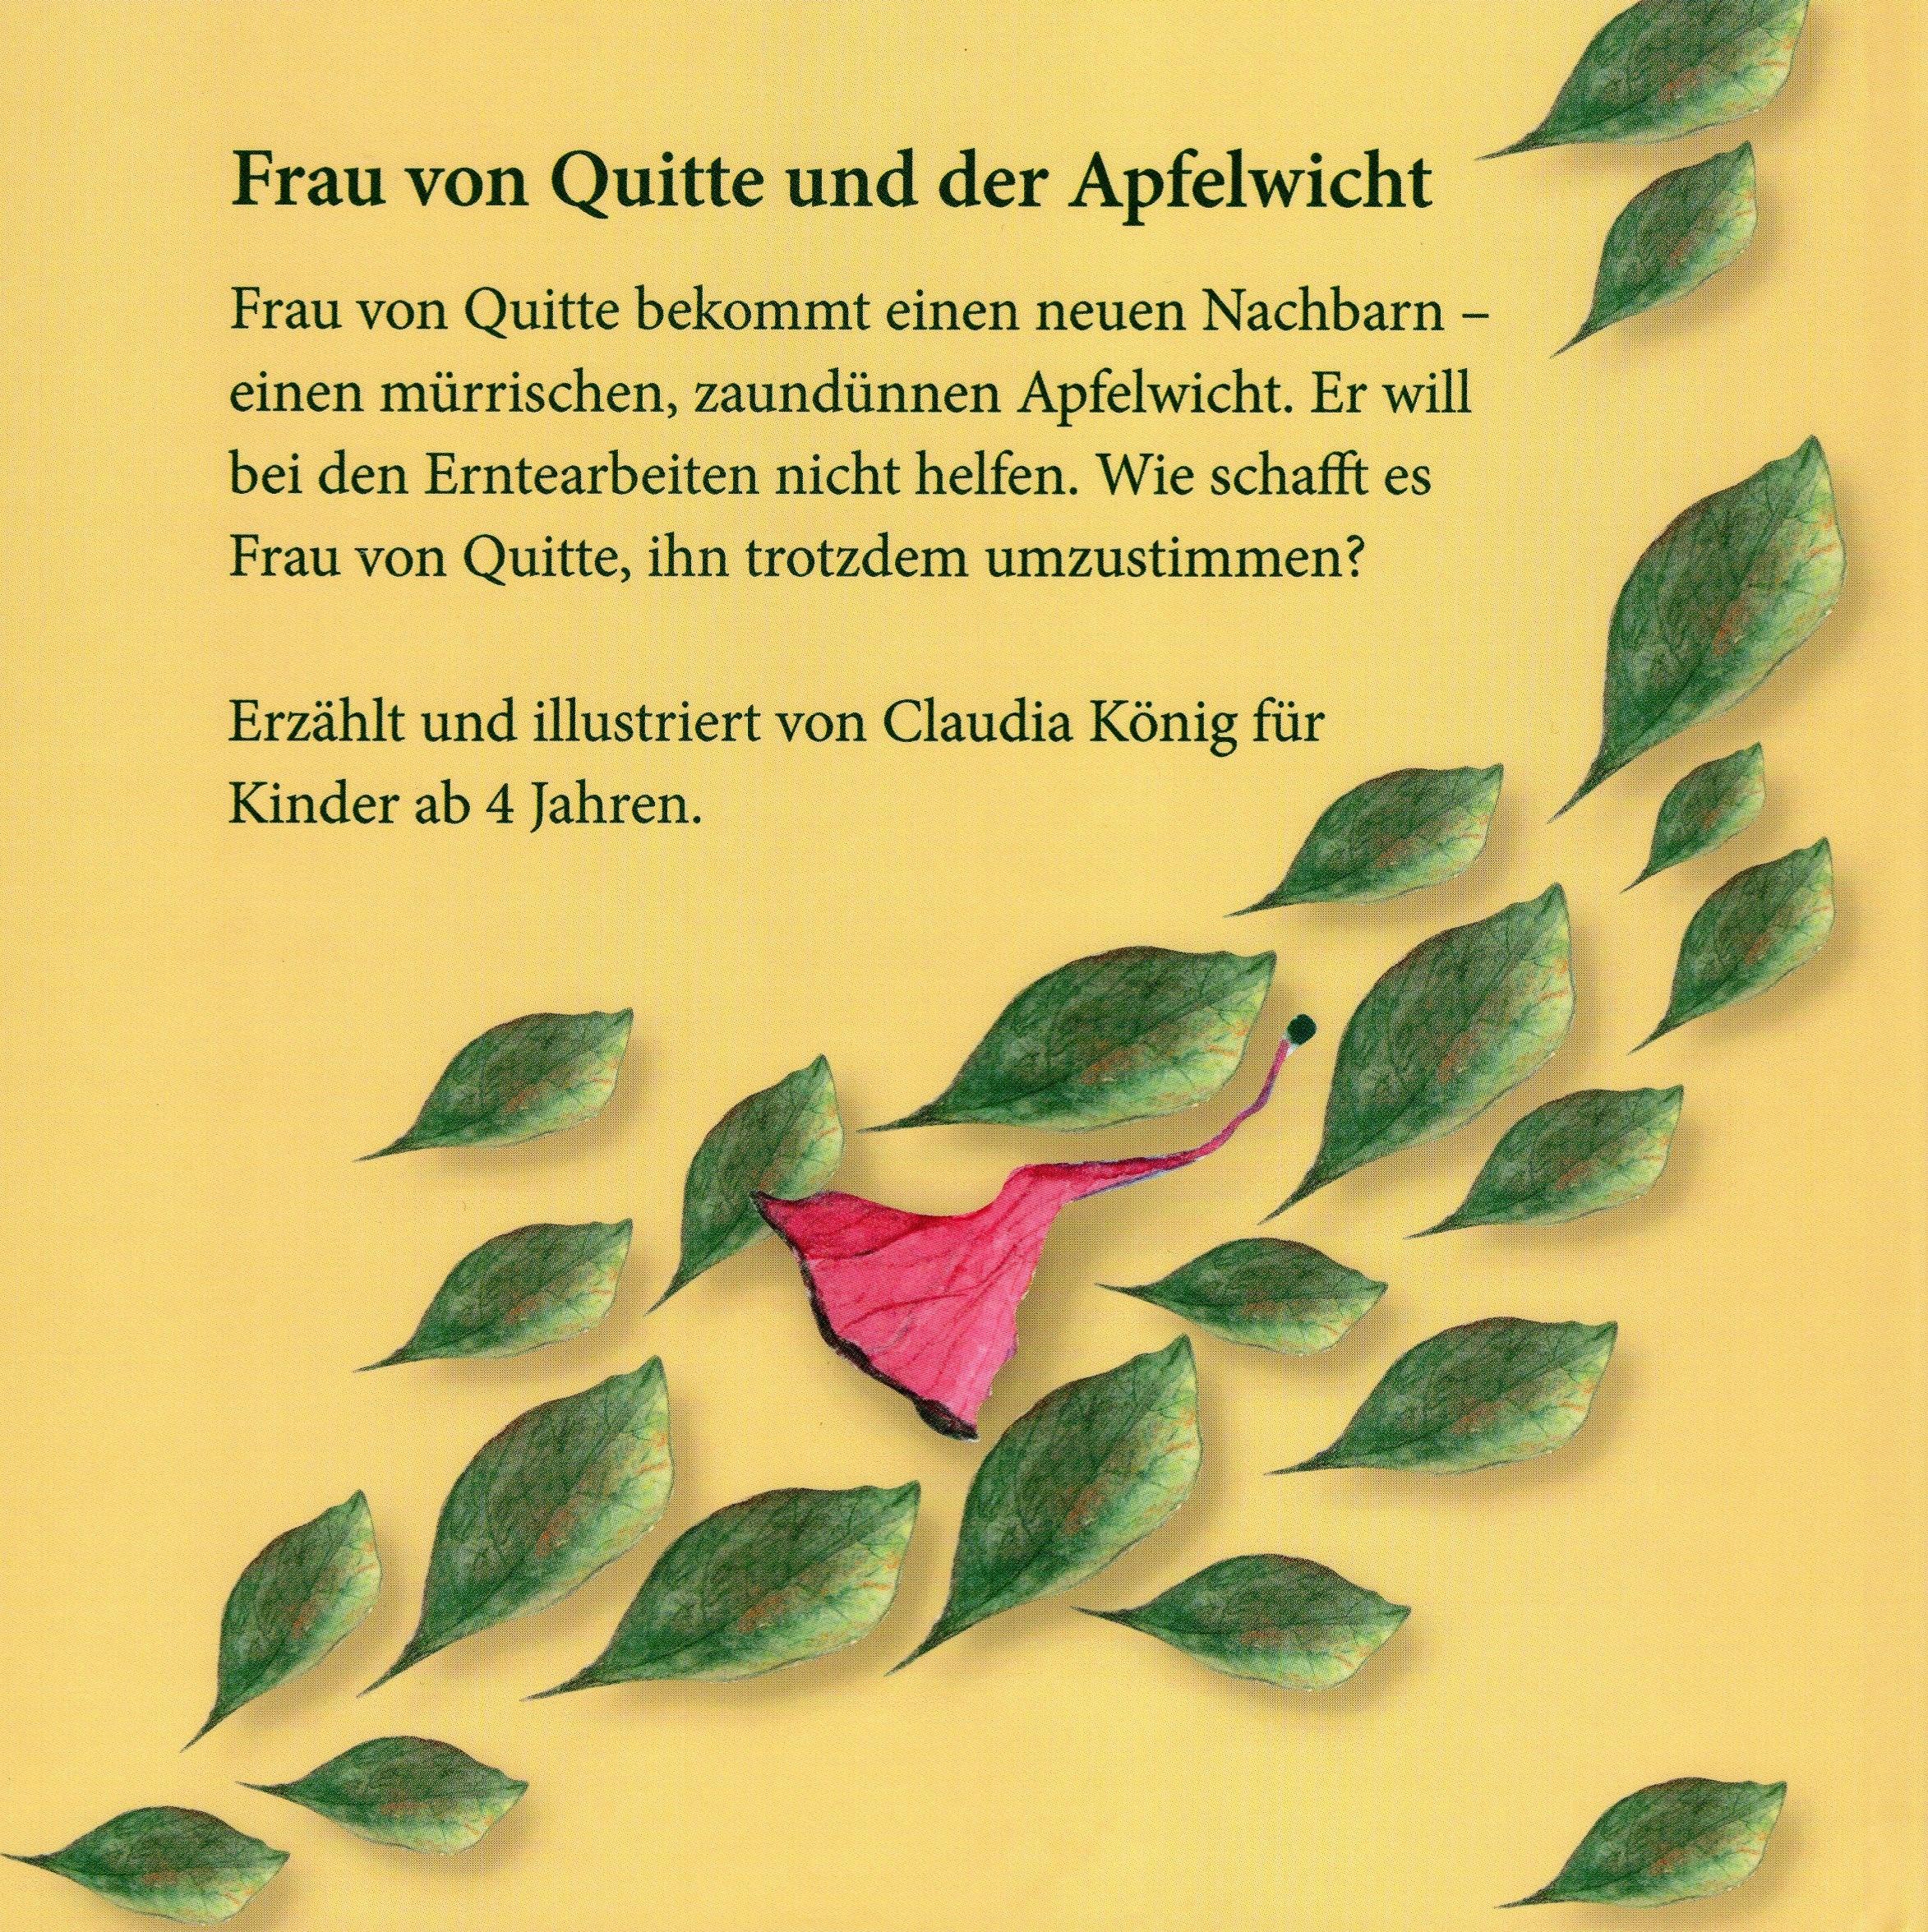 Frau von Quitte und der Apfelwicht